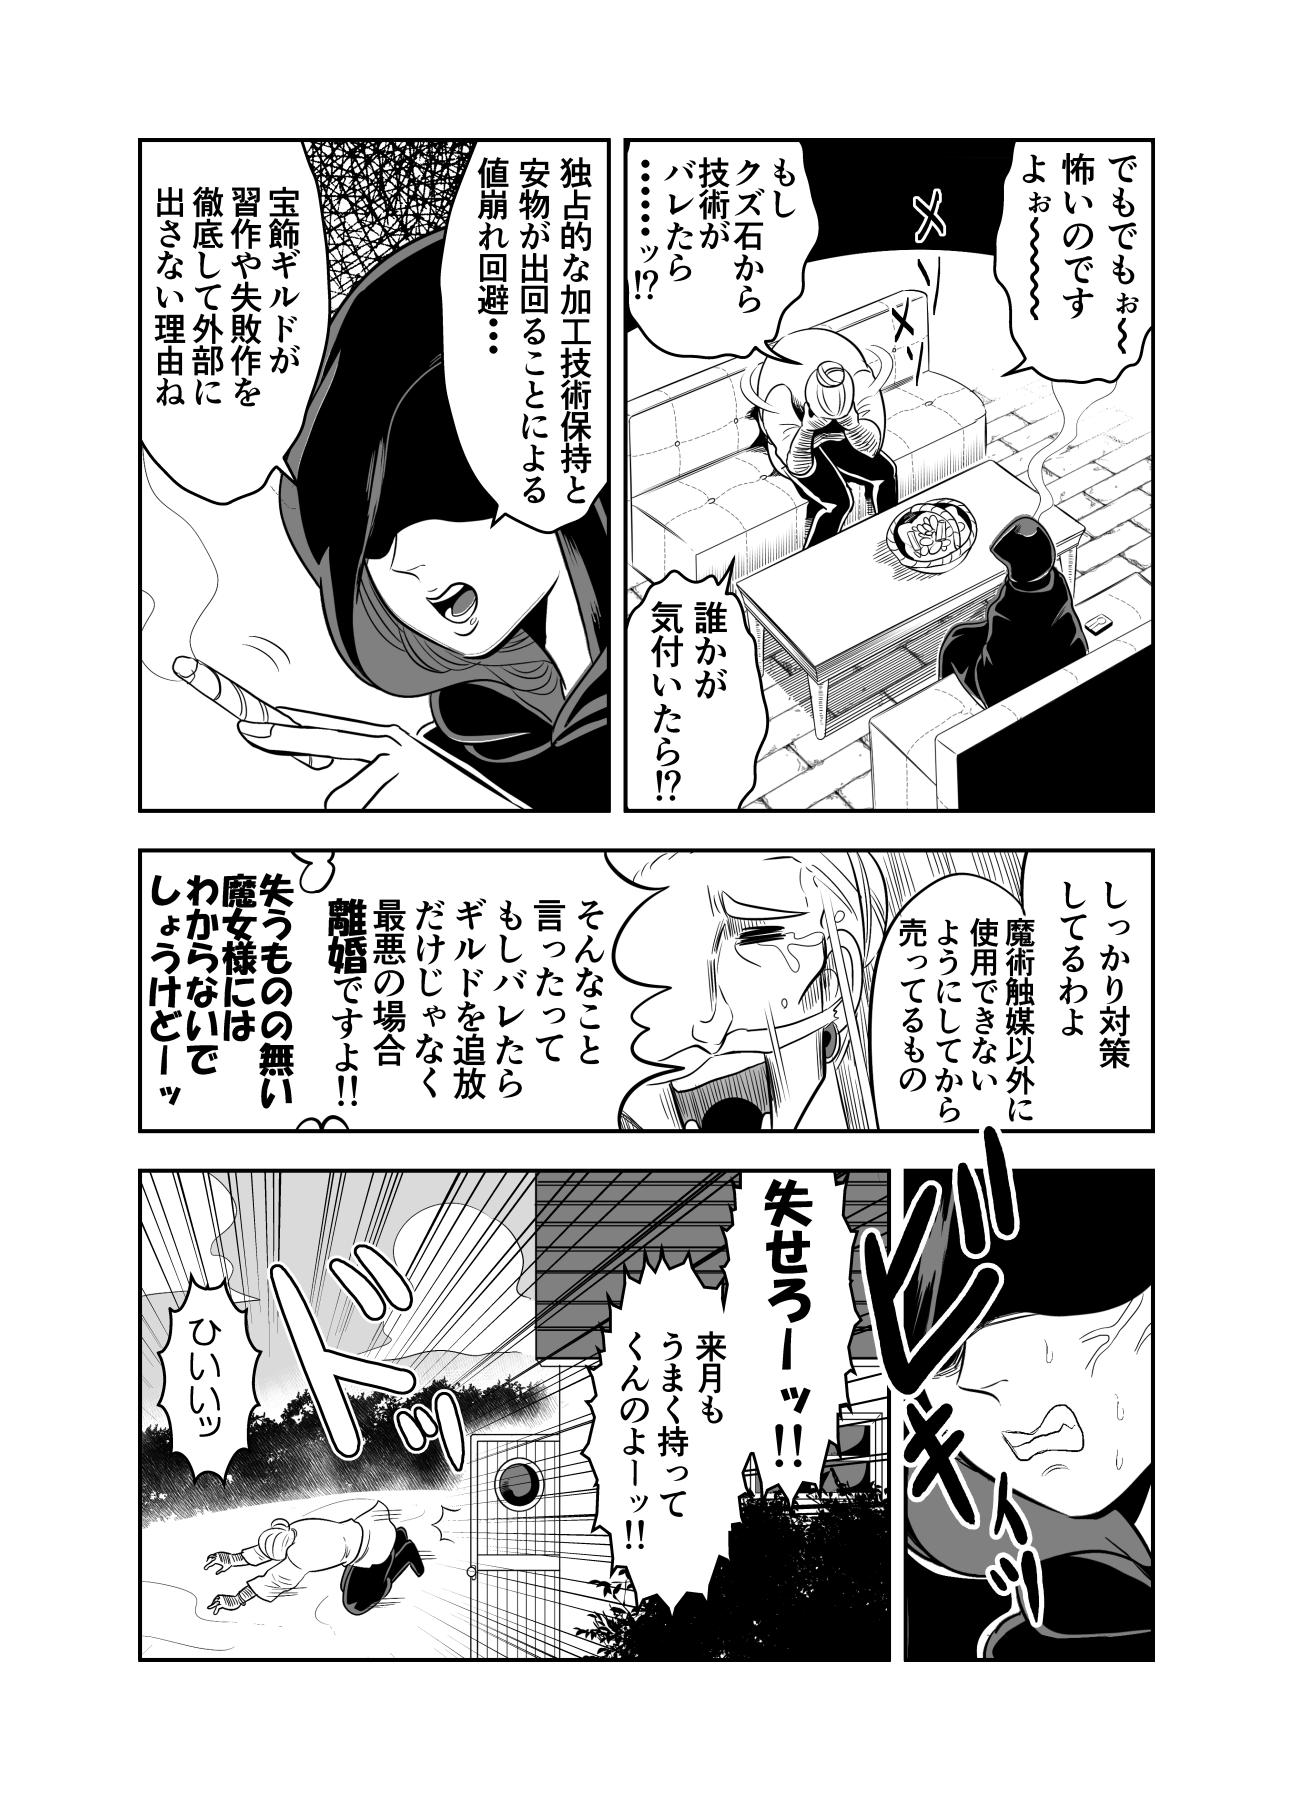 ヤサグレ魔女と蛇少年と宝石男②0005